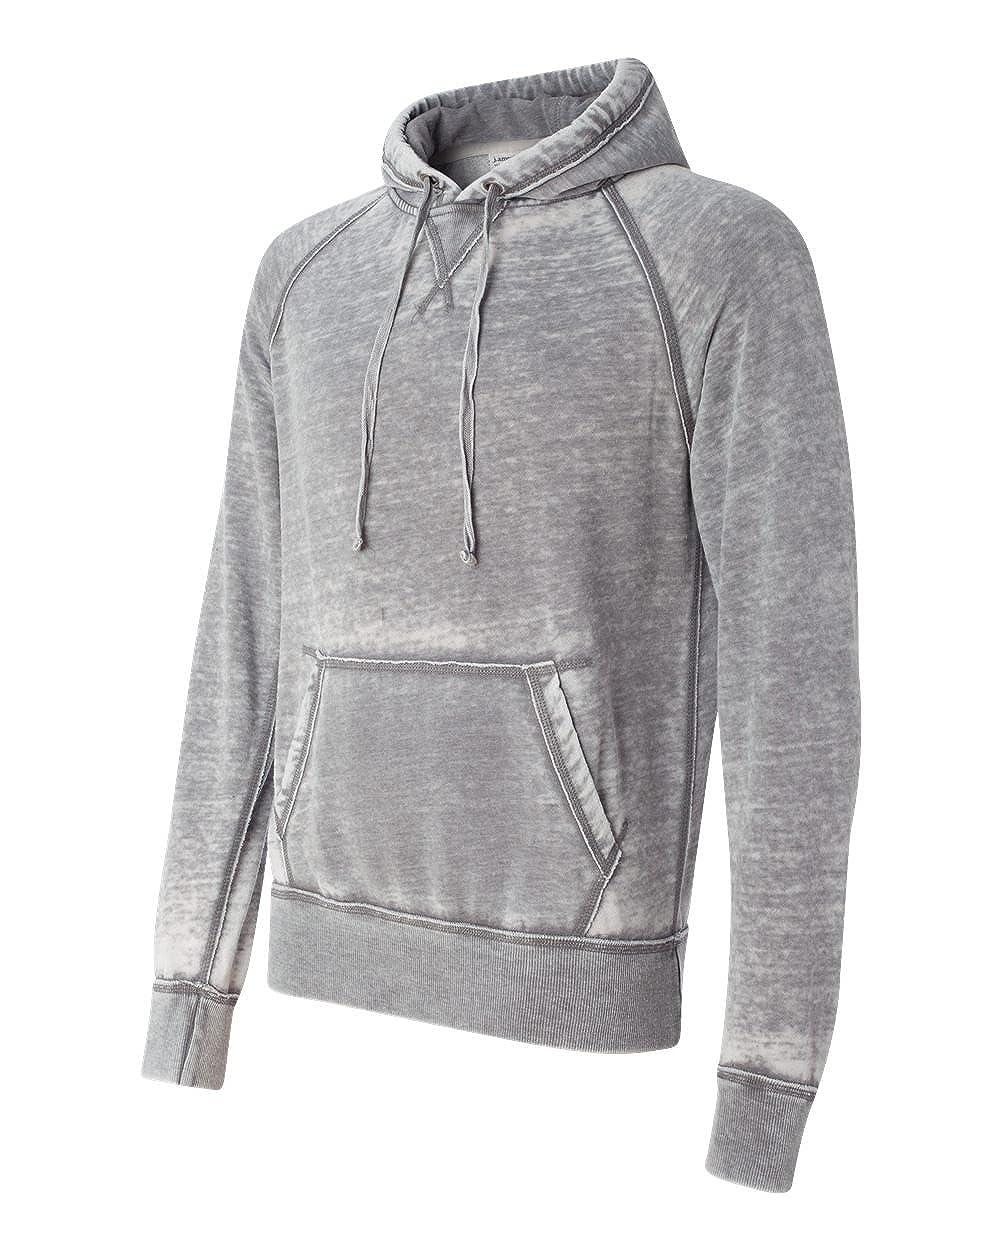 J JA8915 America Vintage Zen Fleece Pullover Hood